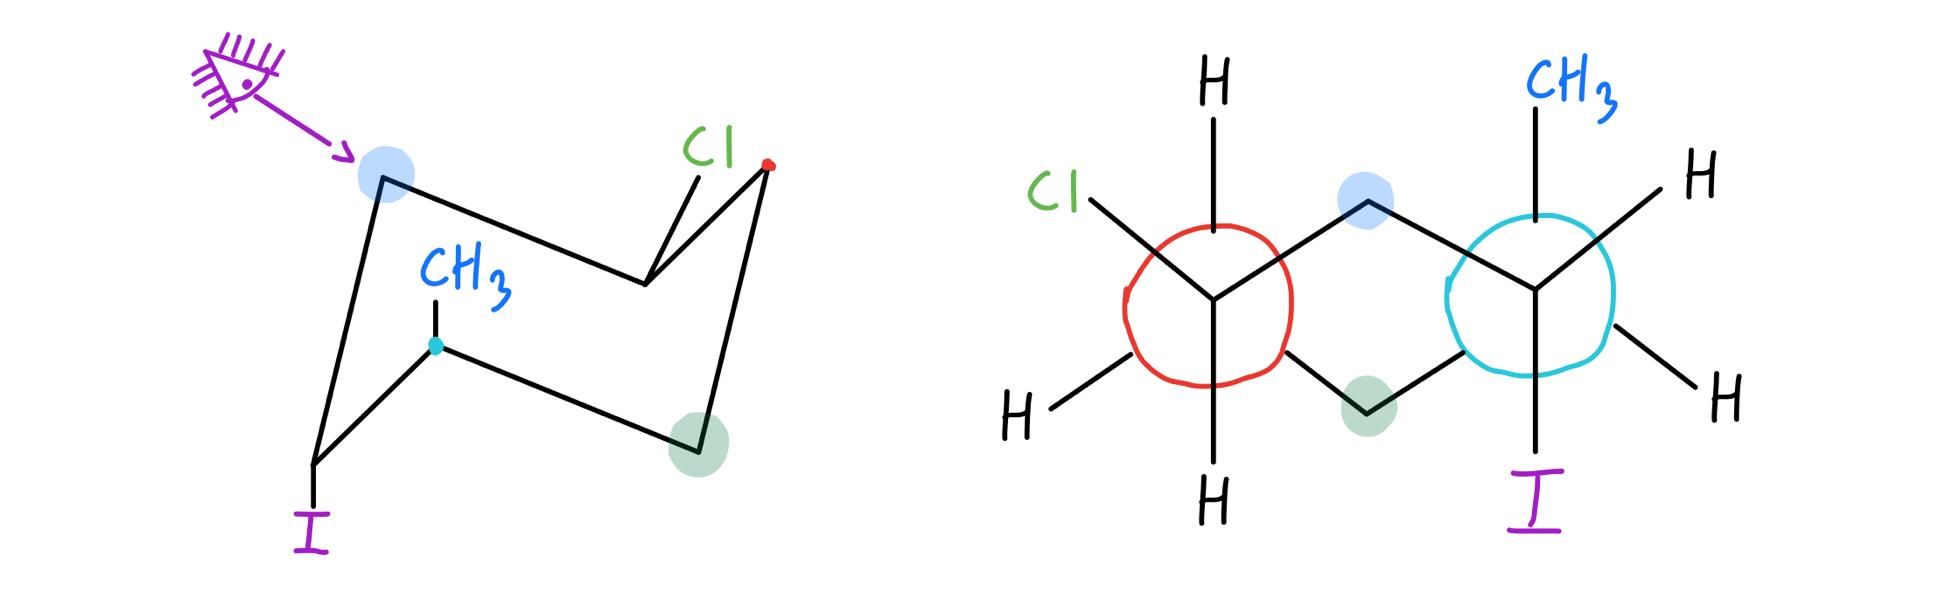 Cyclohexane-Newman